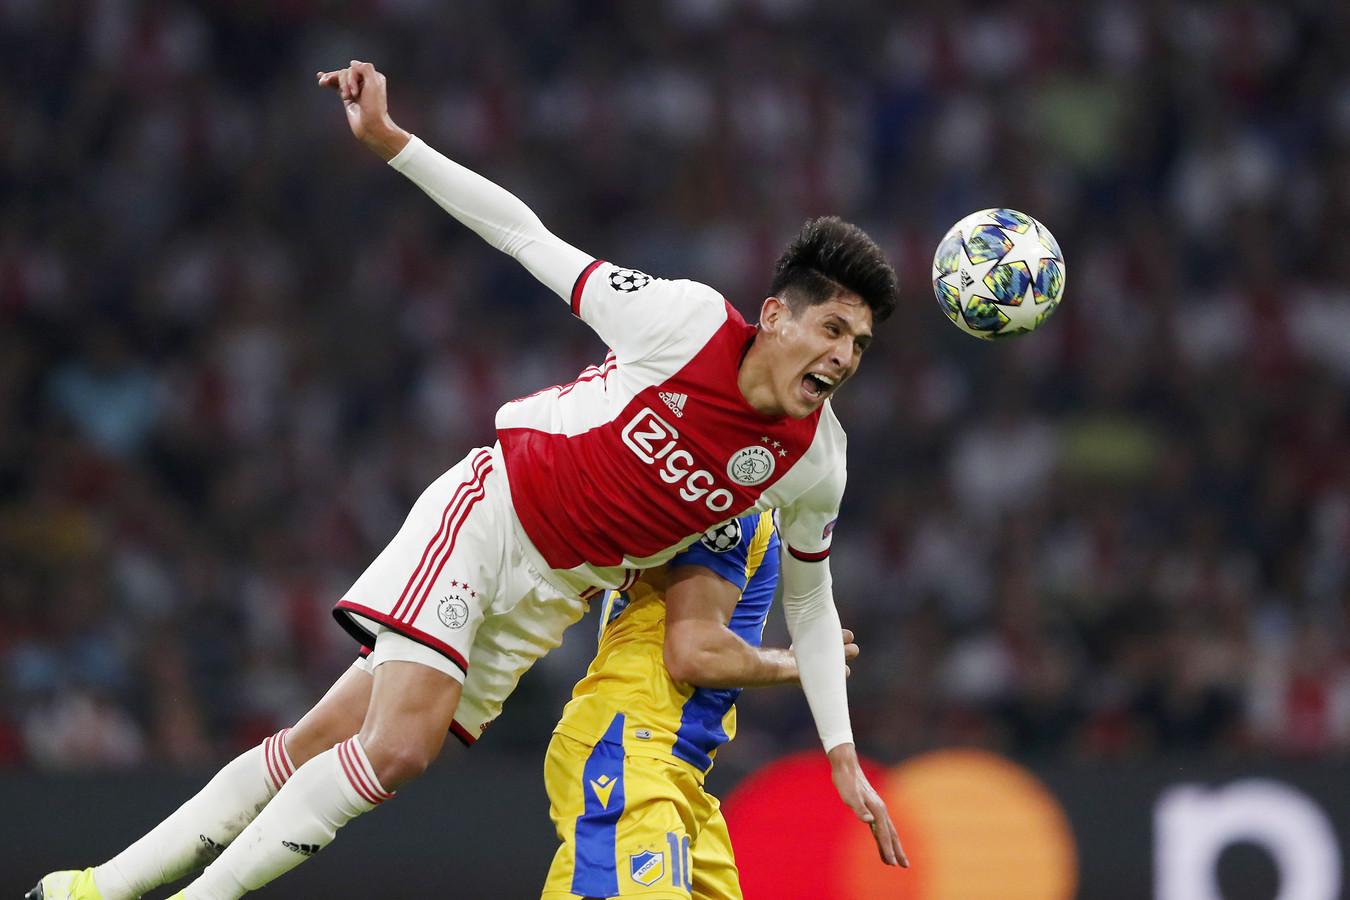 Edson Álvarez vliegt er met volle overgave in tegen APOEL Nicosia in de voorronde van de Champions League.